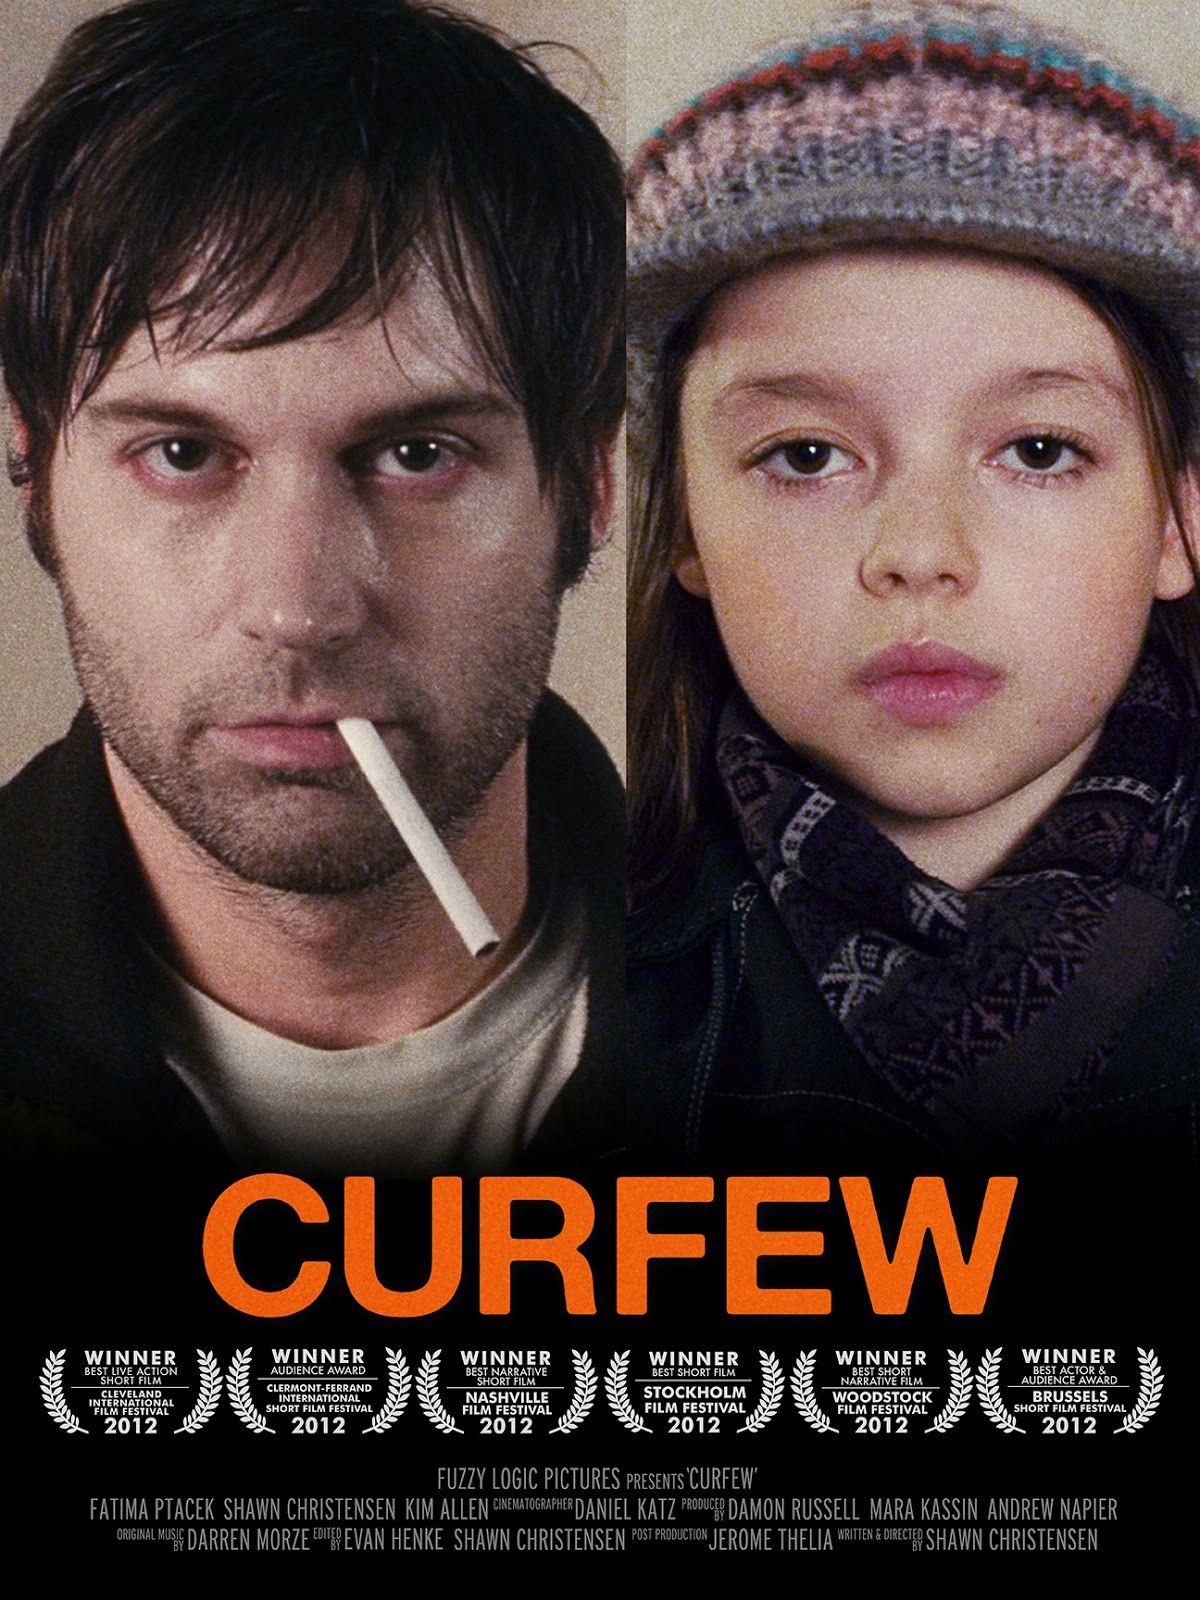 Curfew by Shawn Christensen Best Short Film (live action